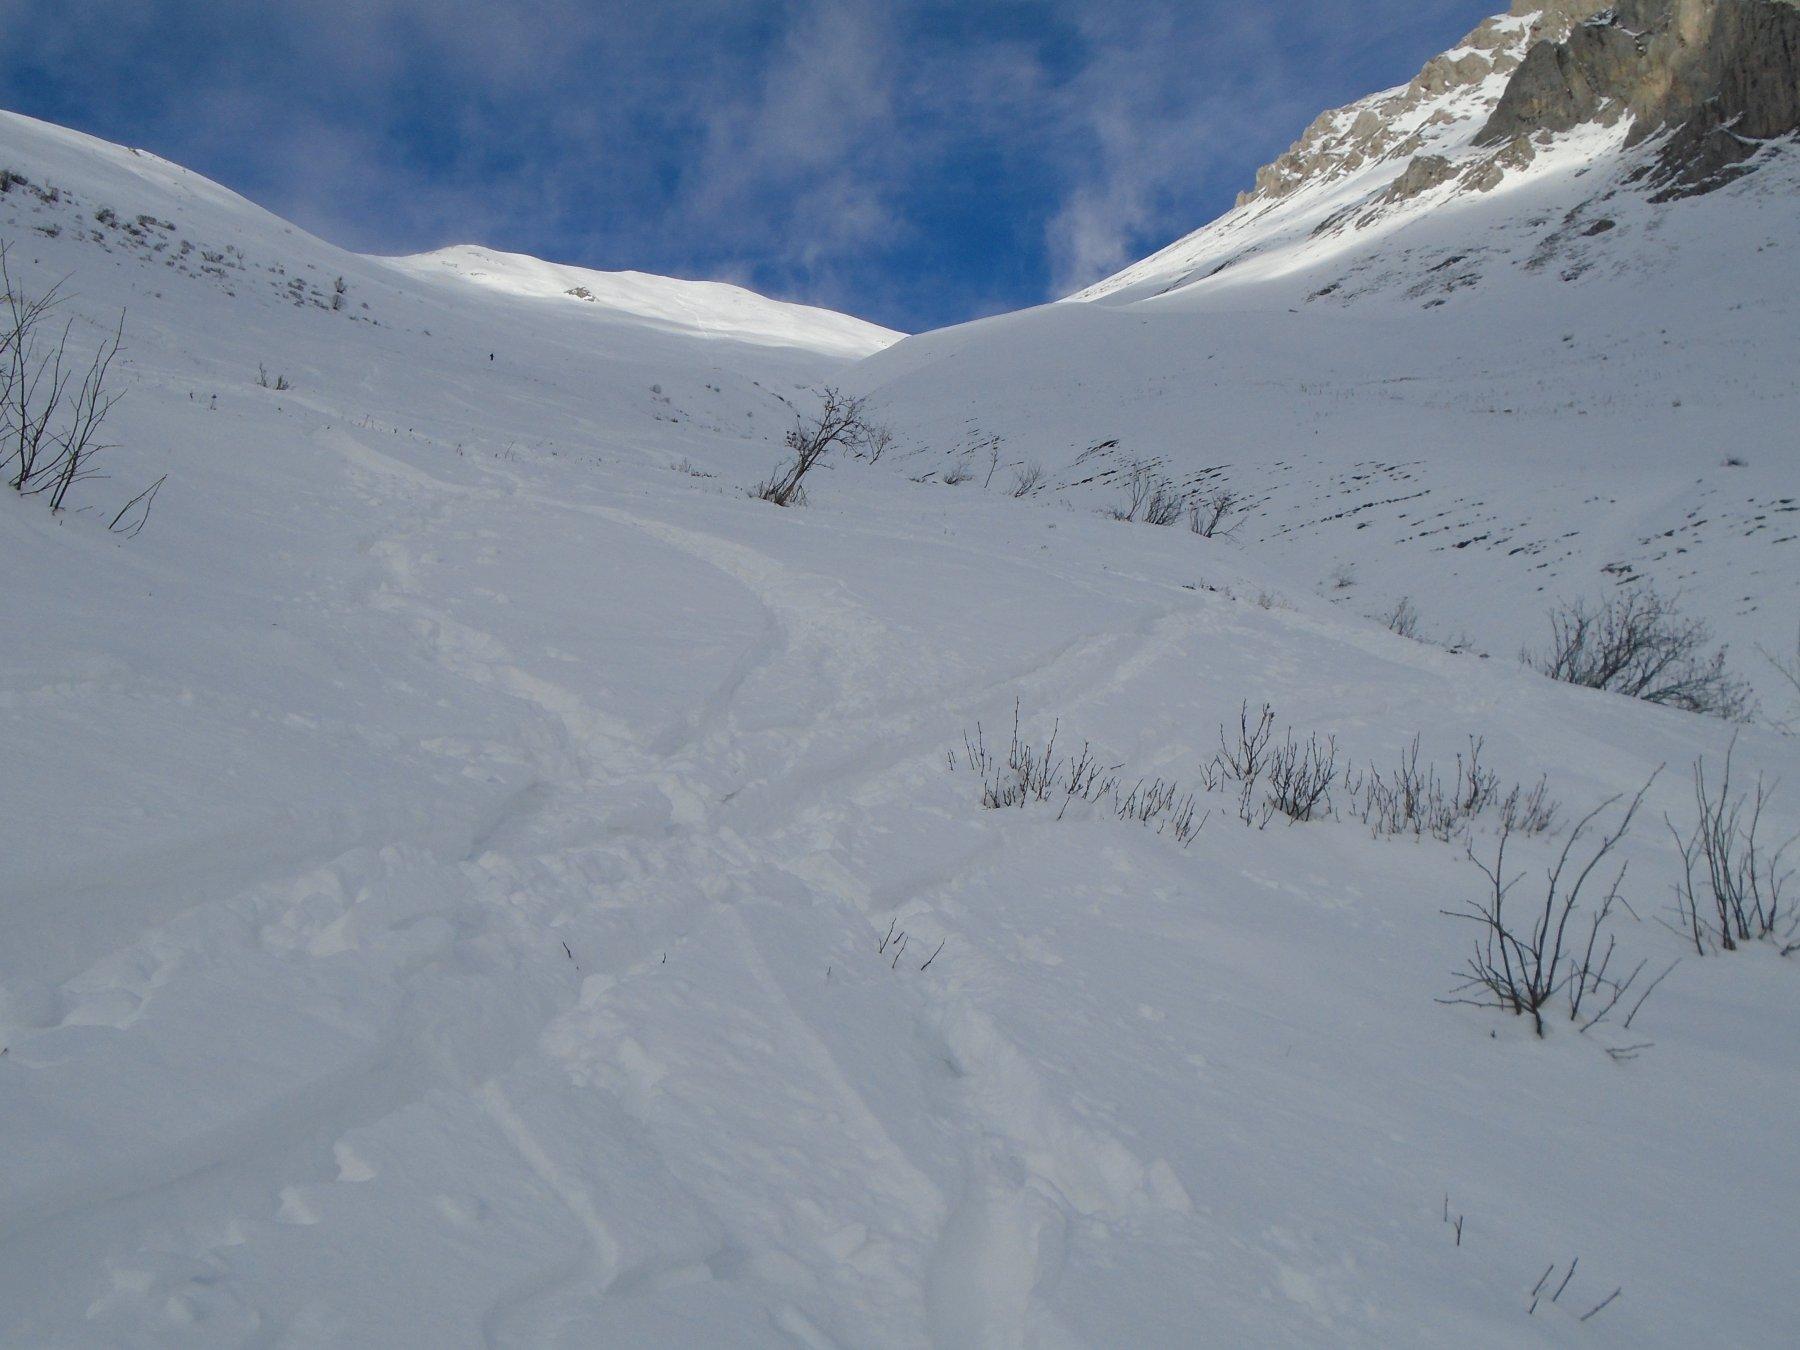 Bella neve in alto sulla sponda dx or.